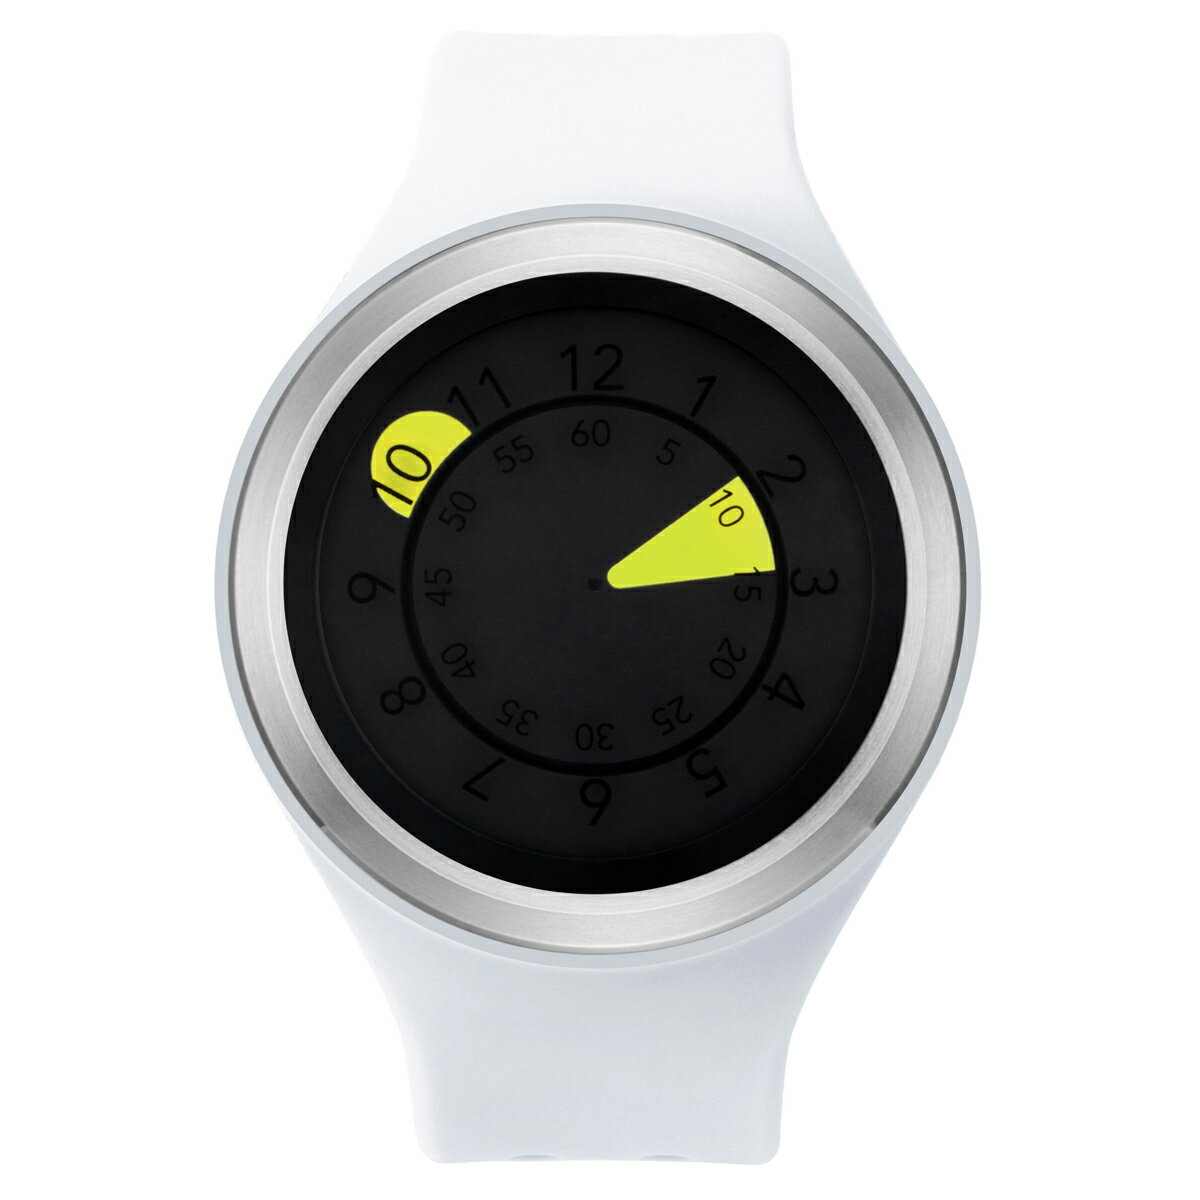 ZEROO AQUA DROP ゼロ 電池式クォーツ 腕時計 [W01203B01SR01] ホワイト デザインウォッチ ペア用 メンズ レディース ユニセックス おしゃれ時計 デザイナーズ